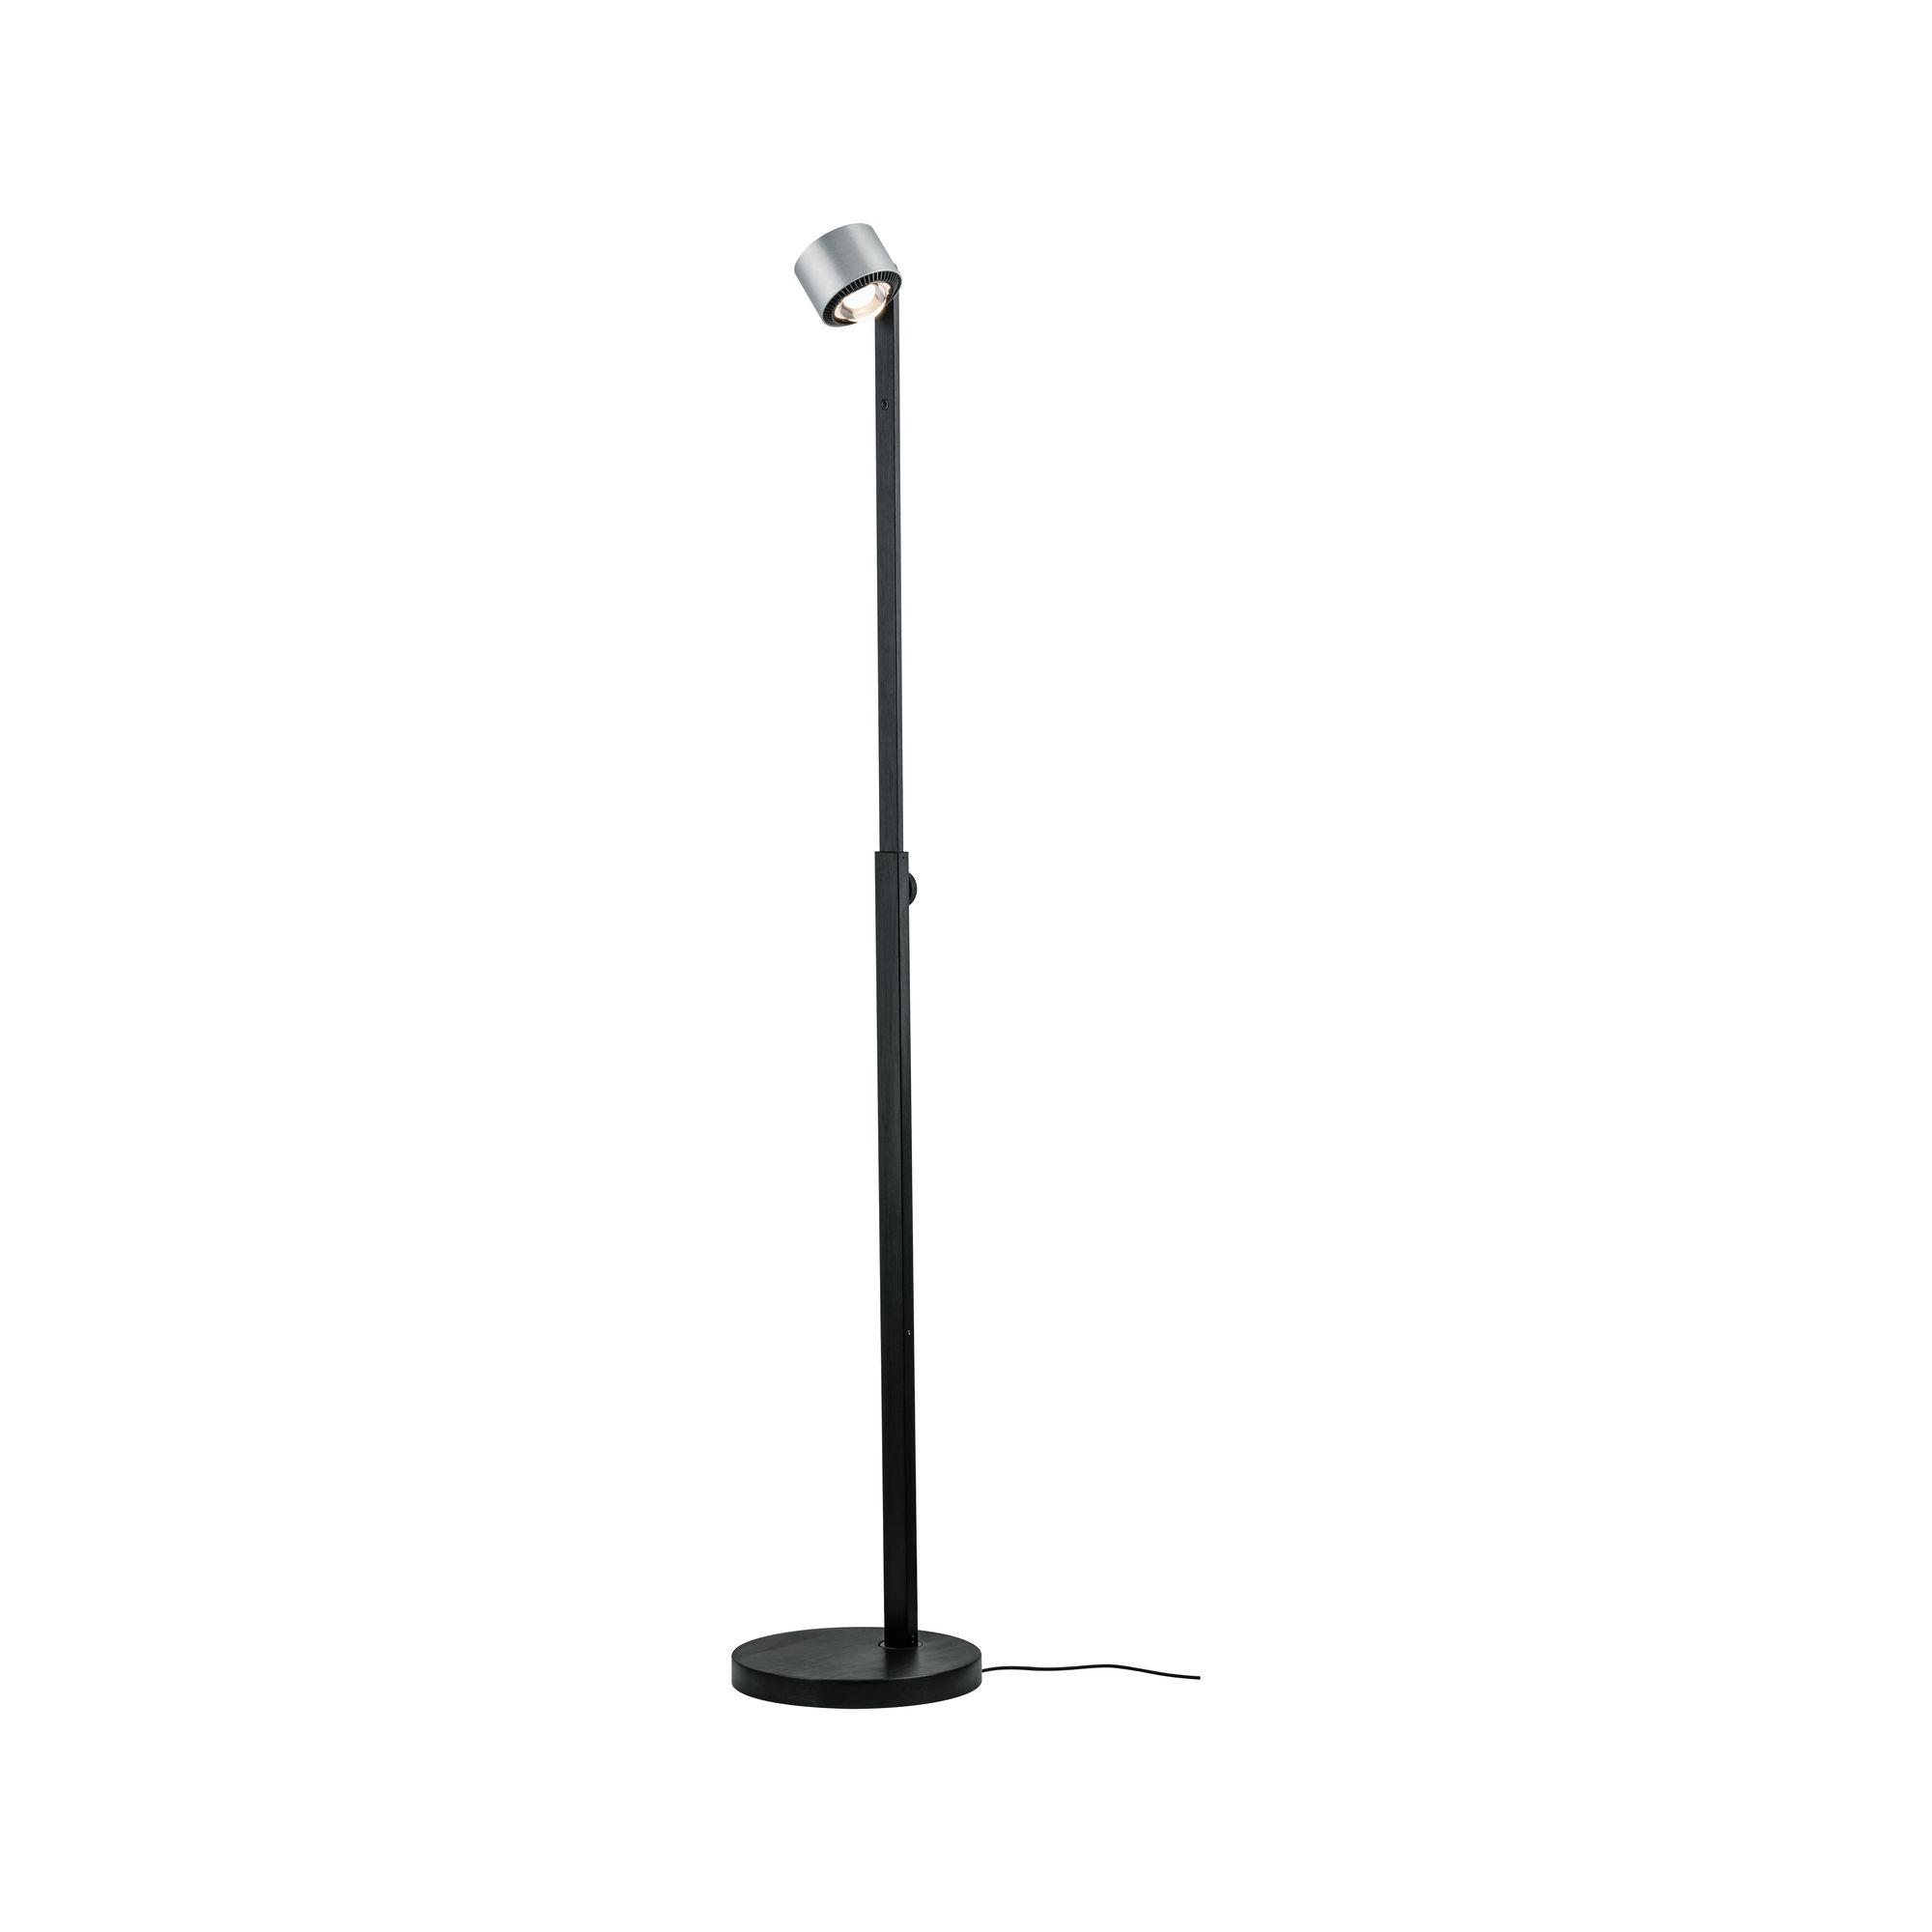 led stehlampe schwarz cool belux uturn led stehleuchte schwarz k with led stehlampe schwarz. Black Bedroom Furniture Sets. Home Design Ideas